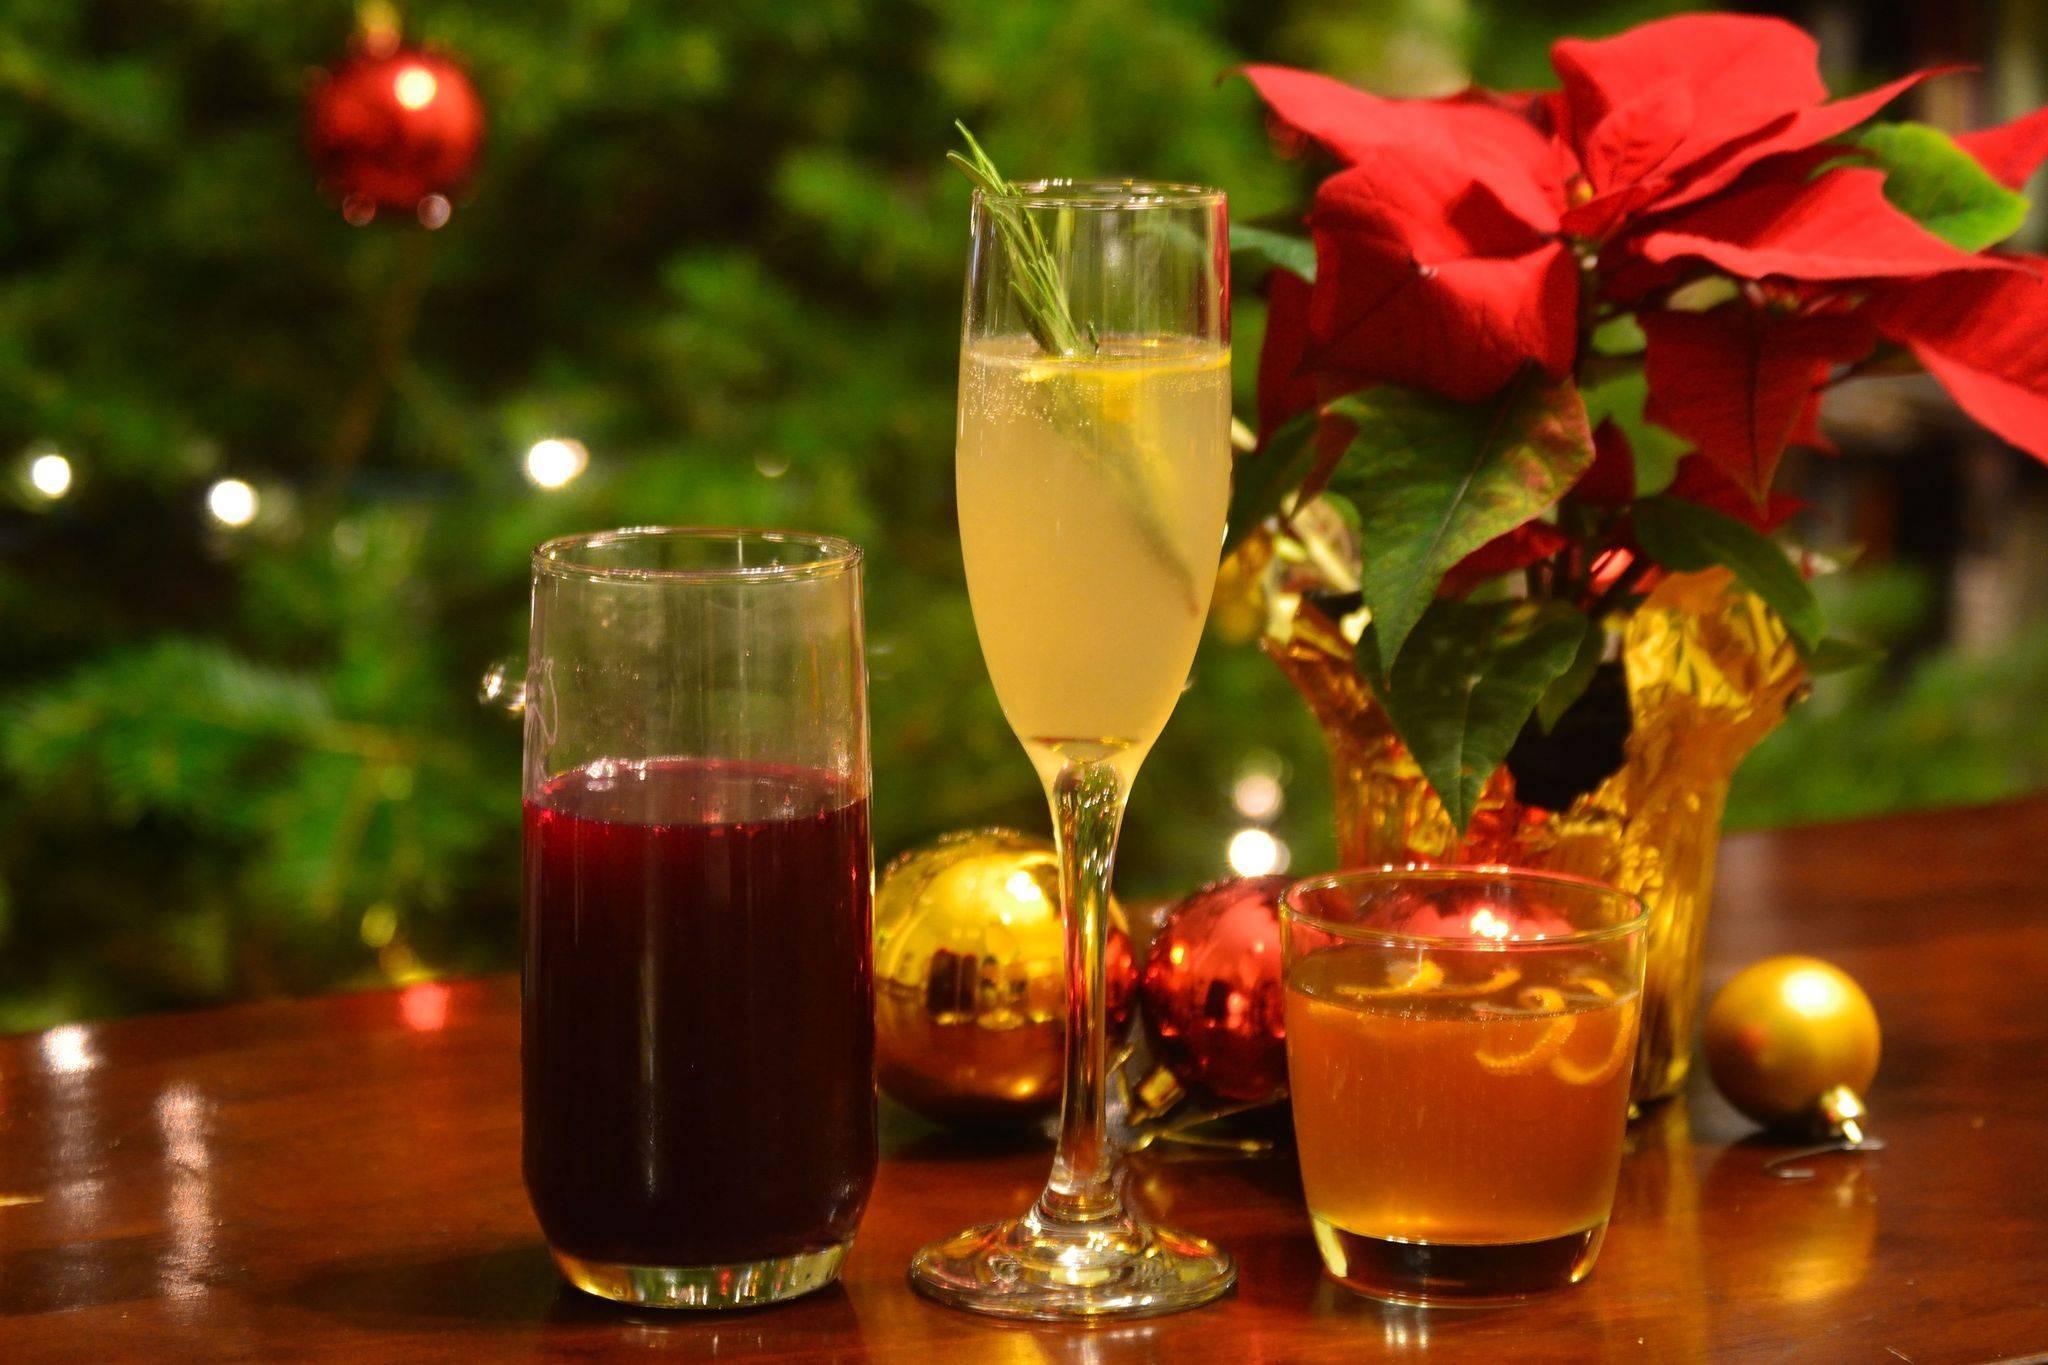 Виски с соком: рецепты популярных коктейлей – как правильно пить